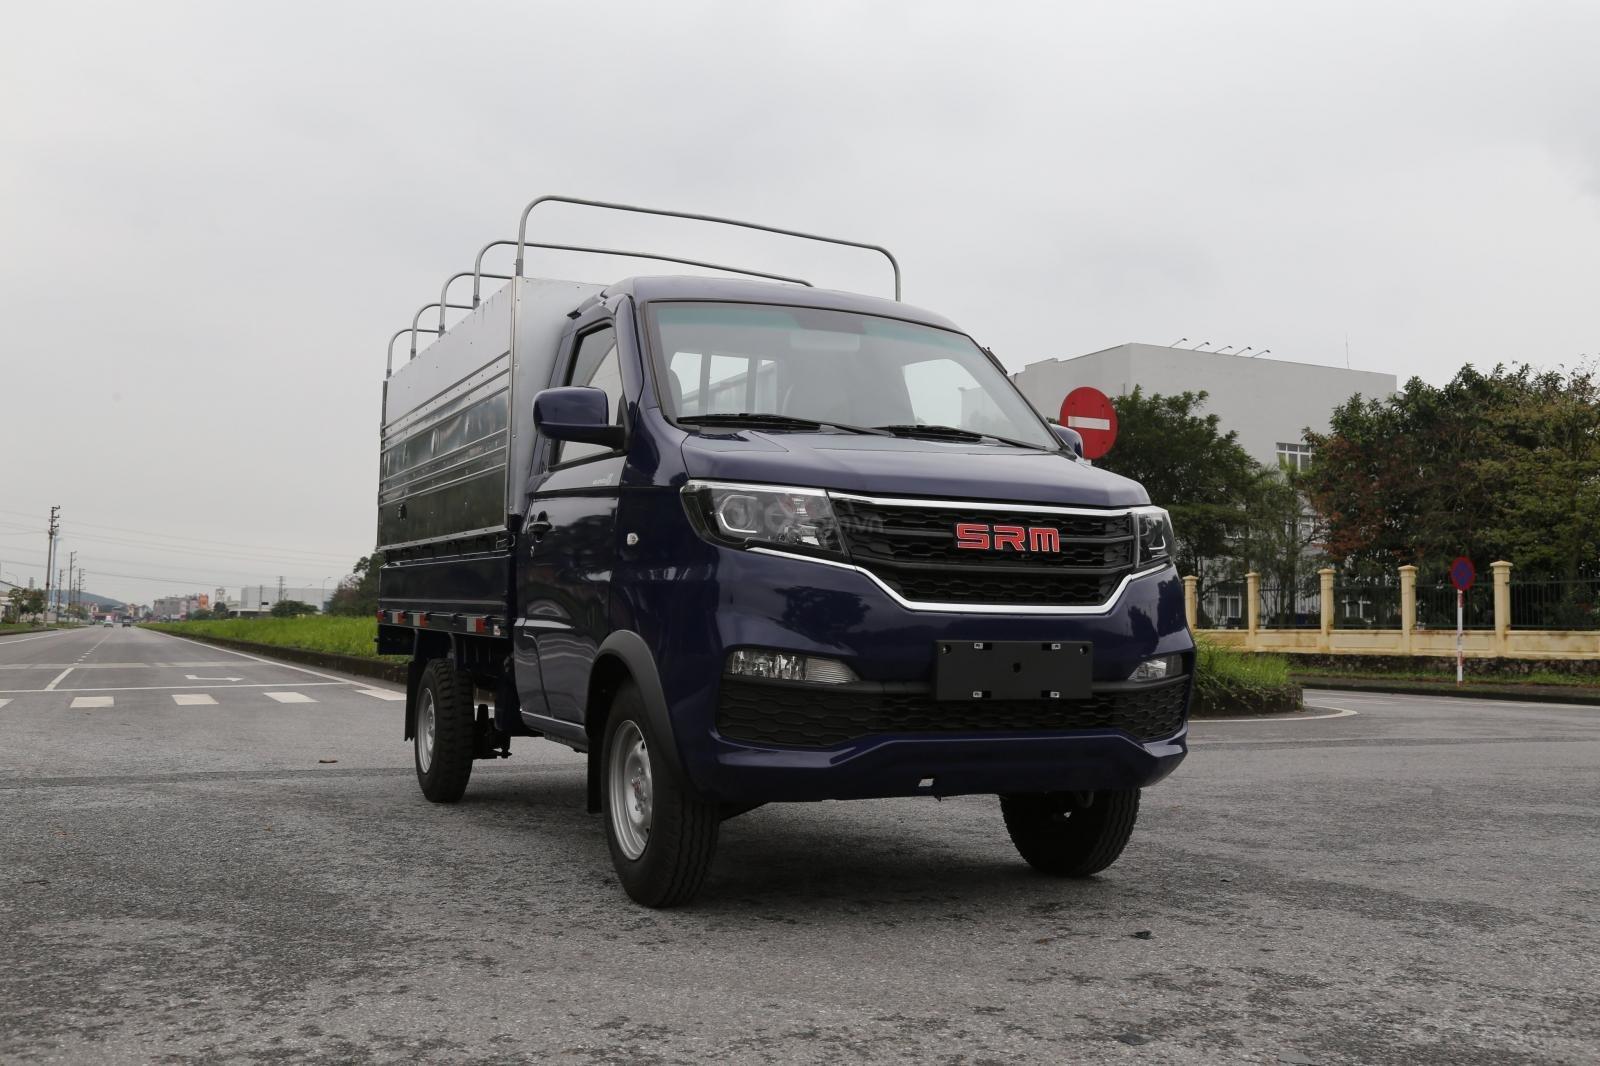 Bán xe tải nhỏ dưới 1 tấn SRM 930kg đời 2020 bản cao cấp 80tr nhận xe - Tặng 100% trước bạ - Tặng camera lùi (1)